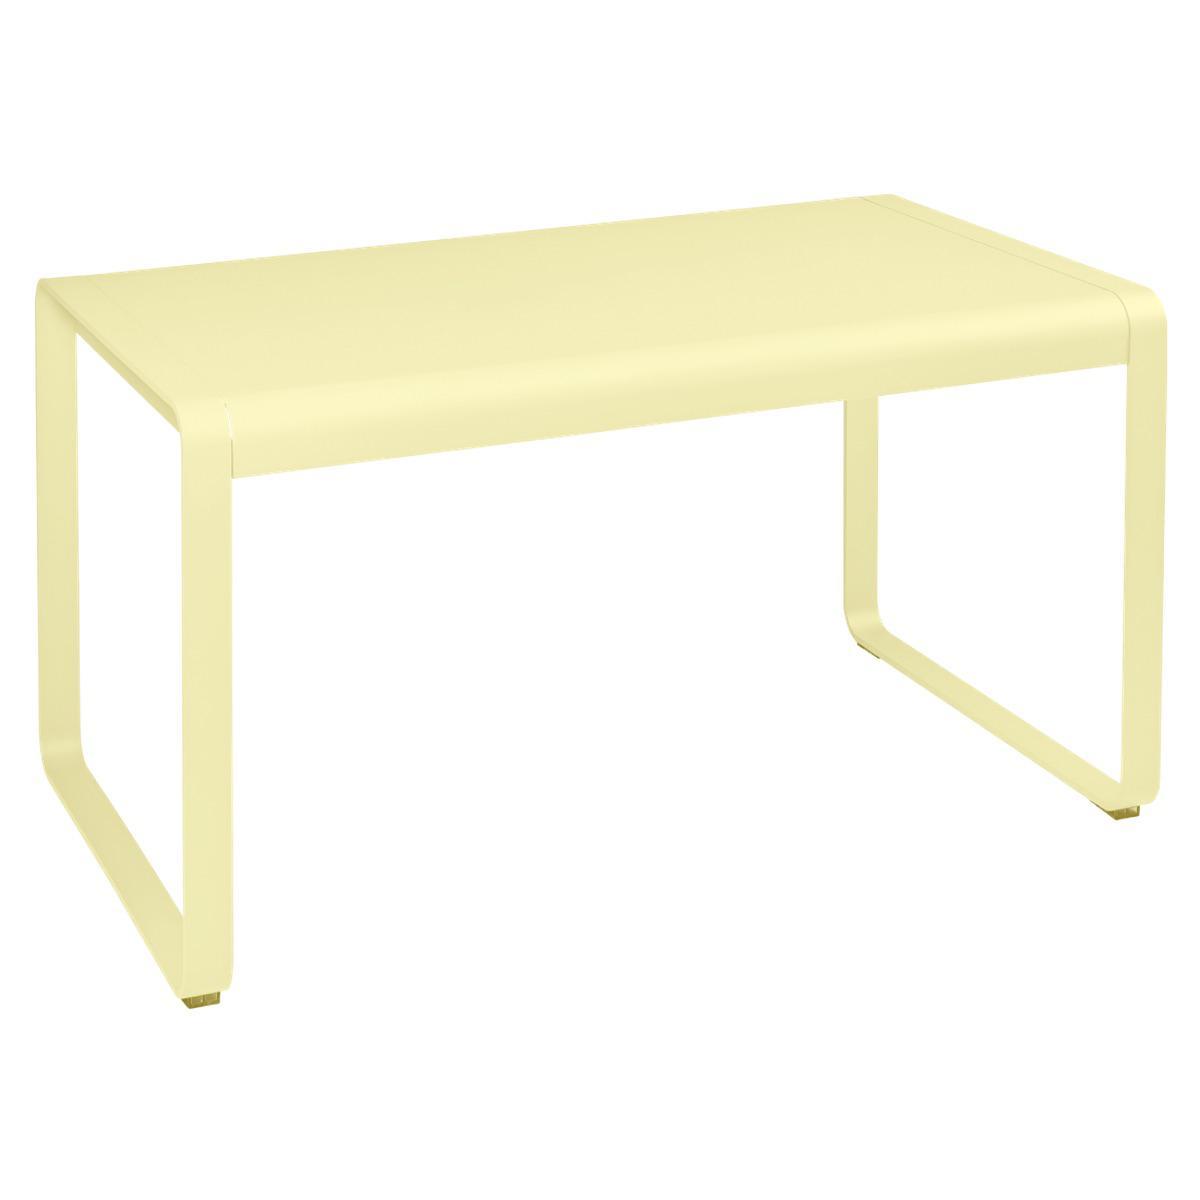 Table de jardin 80x140cm BELLEVIE Fermob citron givré